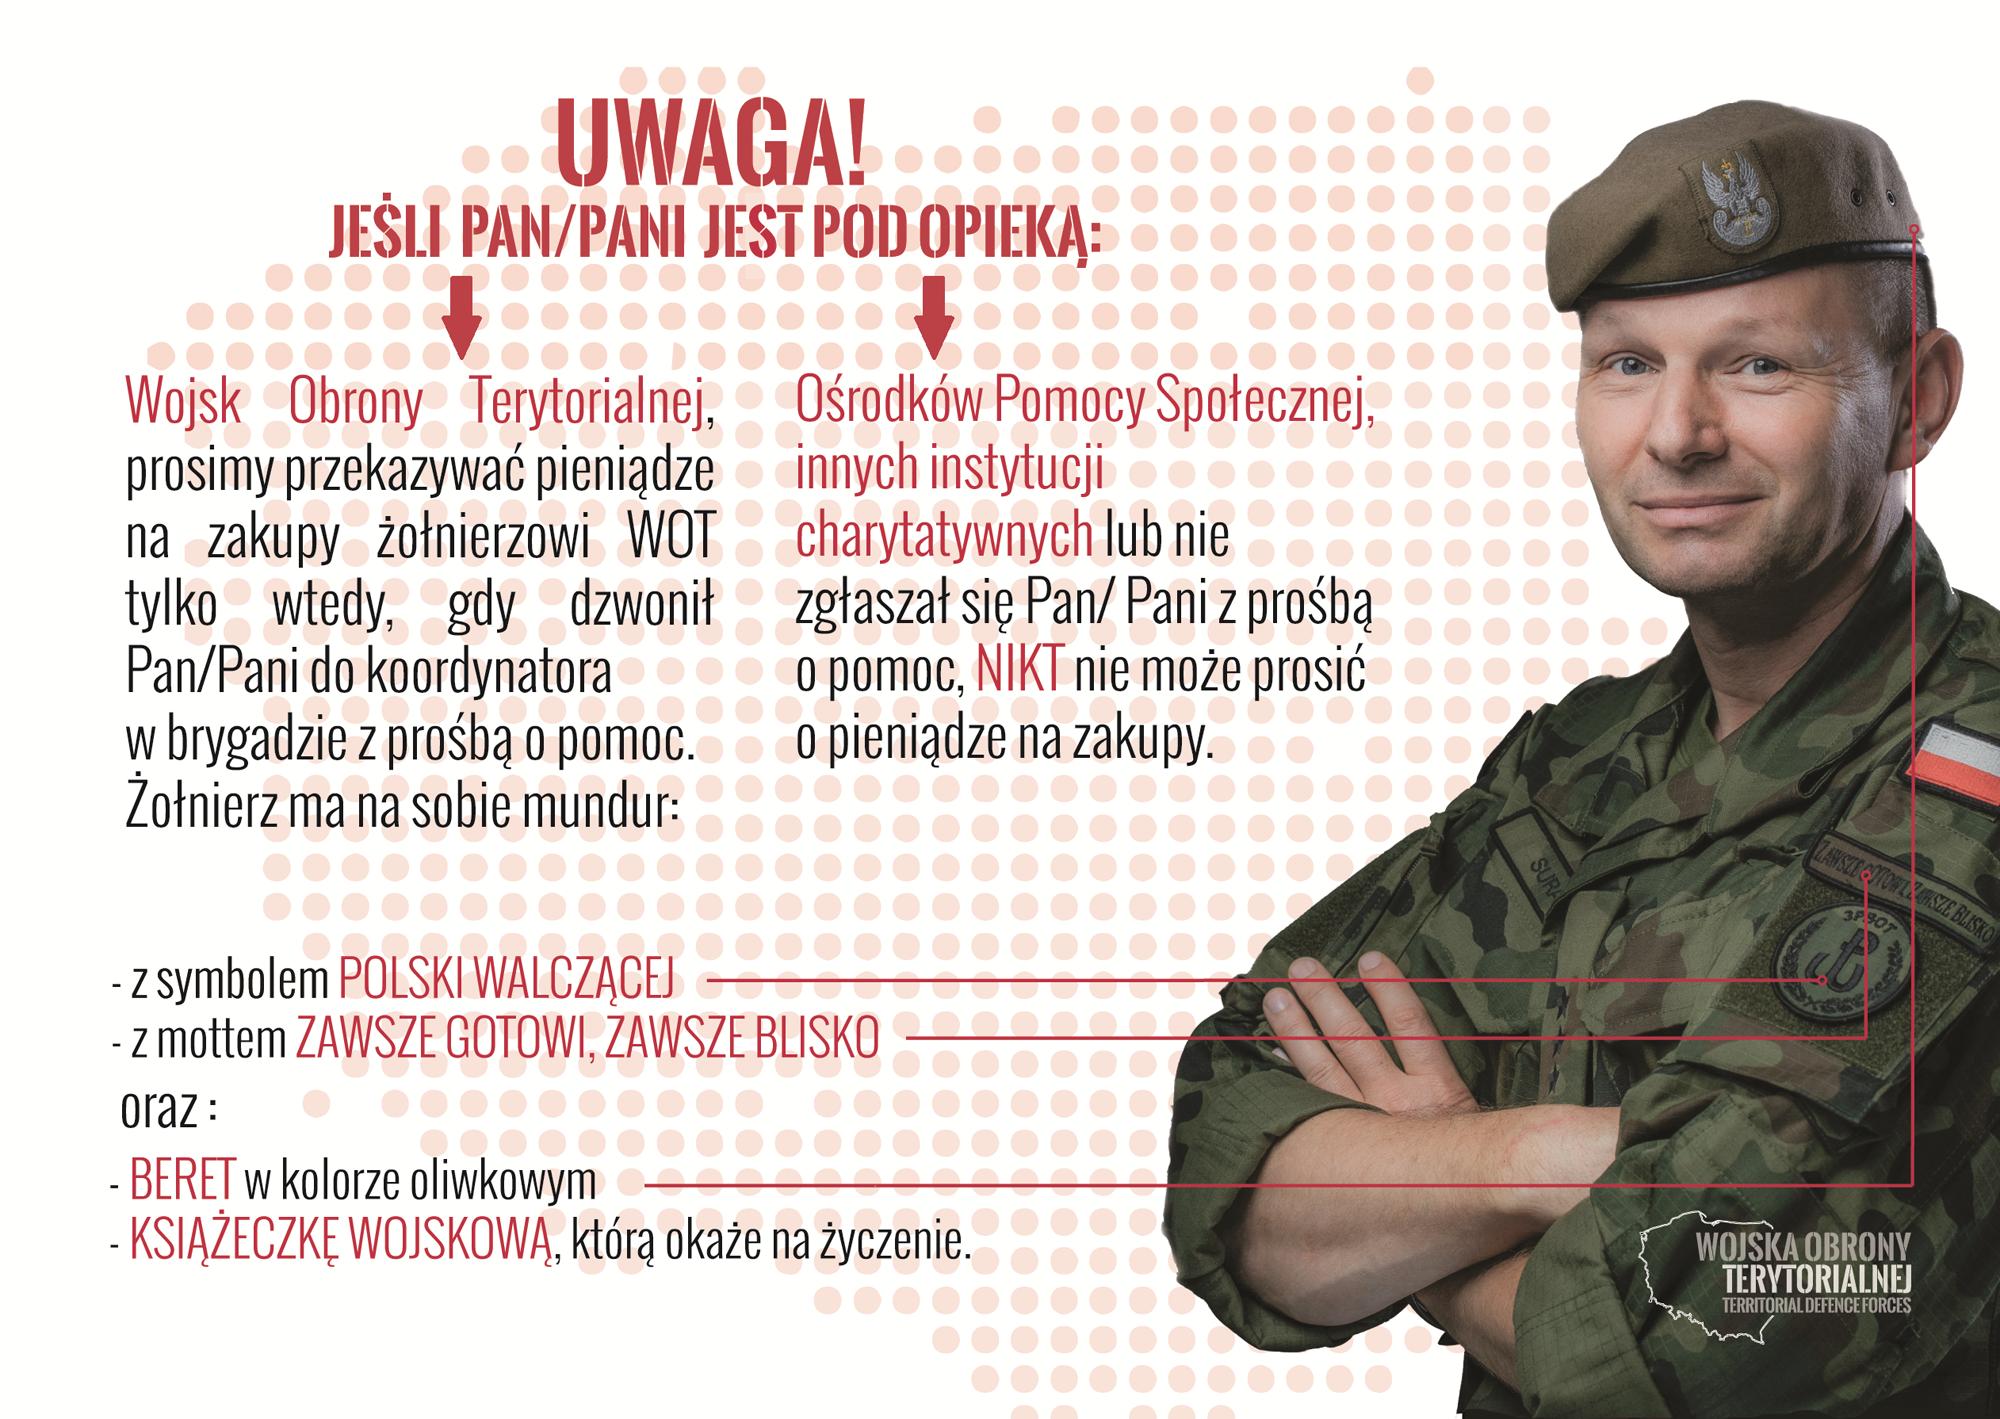 Nie daj się oszukać, na żołnierza Wojsk Obrony Terytorialnej